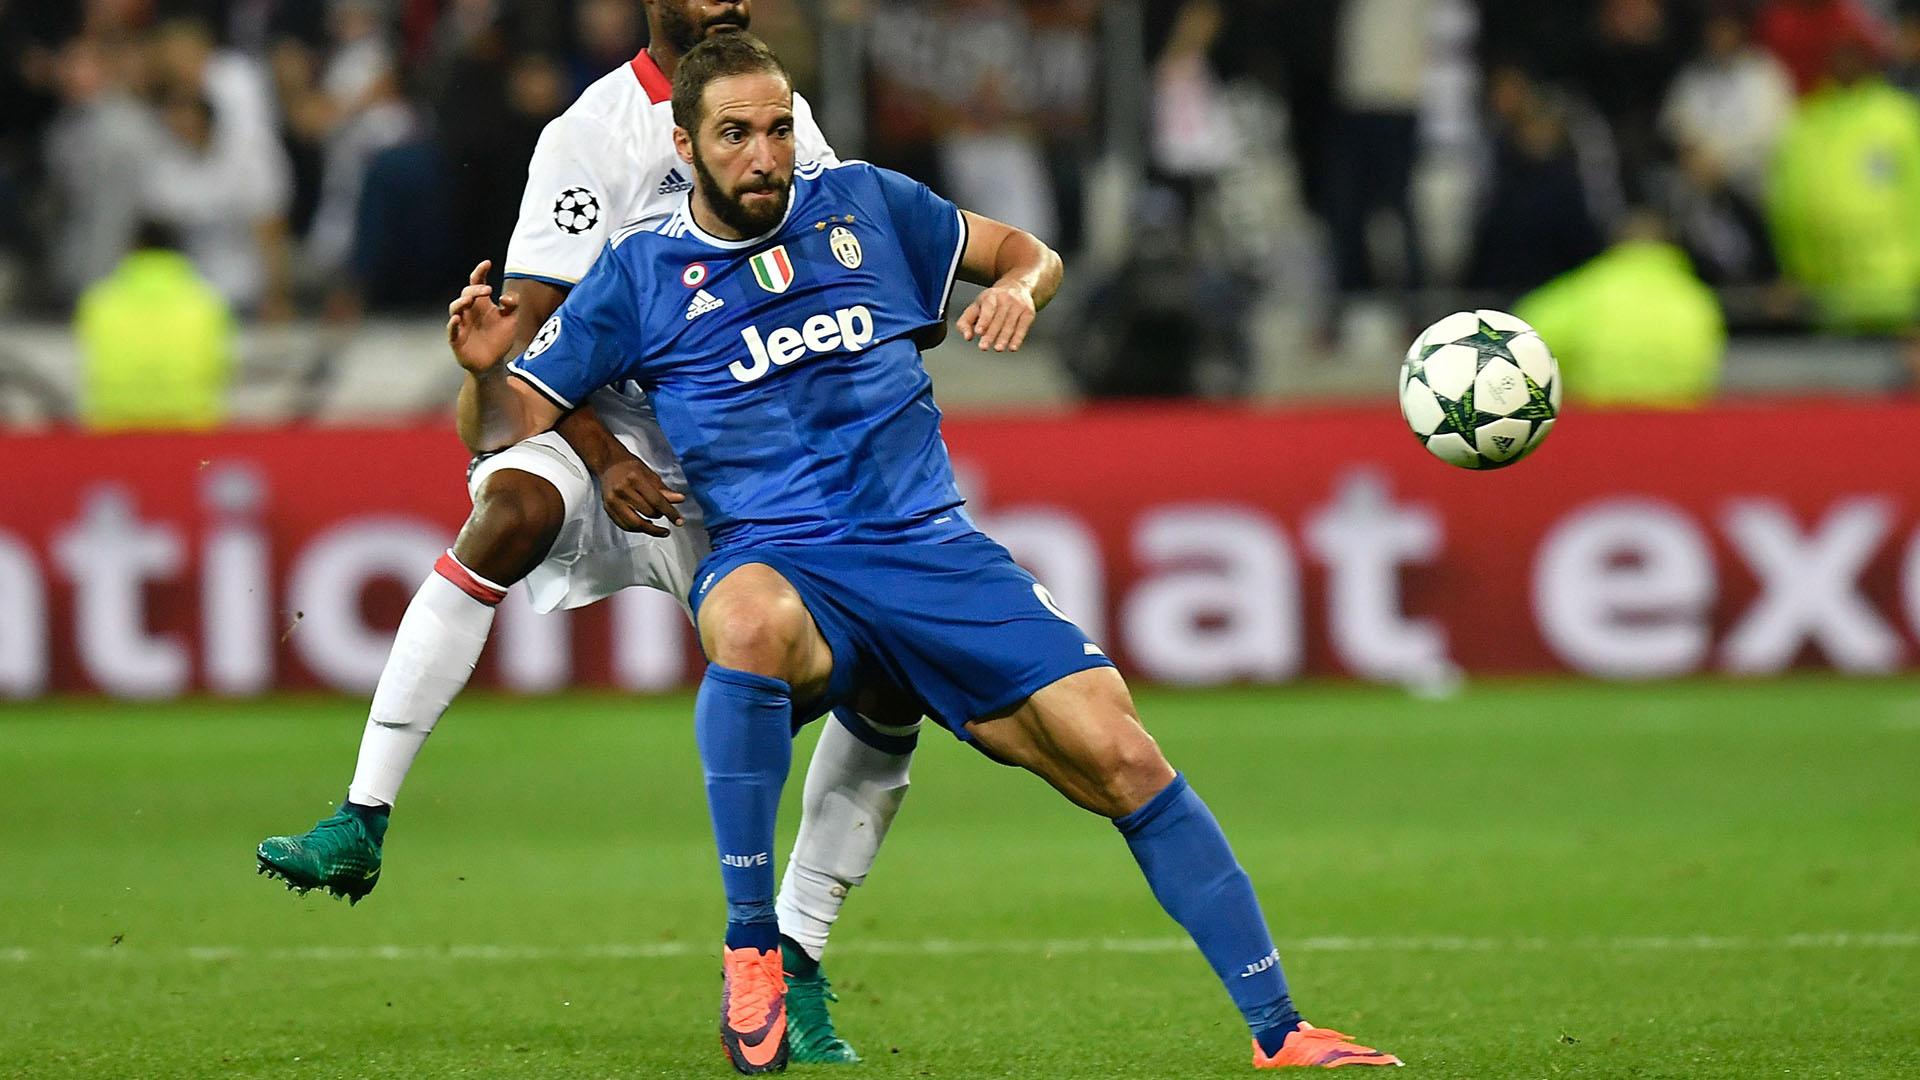 Juventus, imminente il rinnovo di Dybala: firmerà fino al 2021